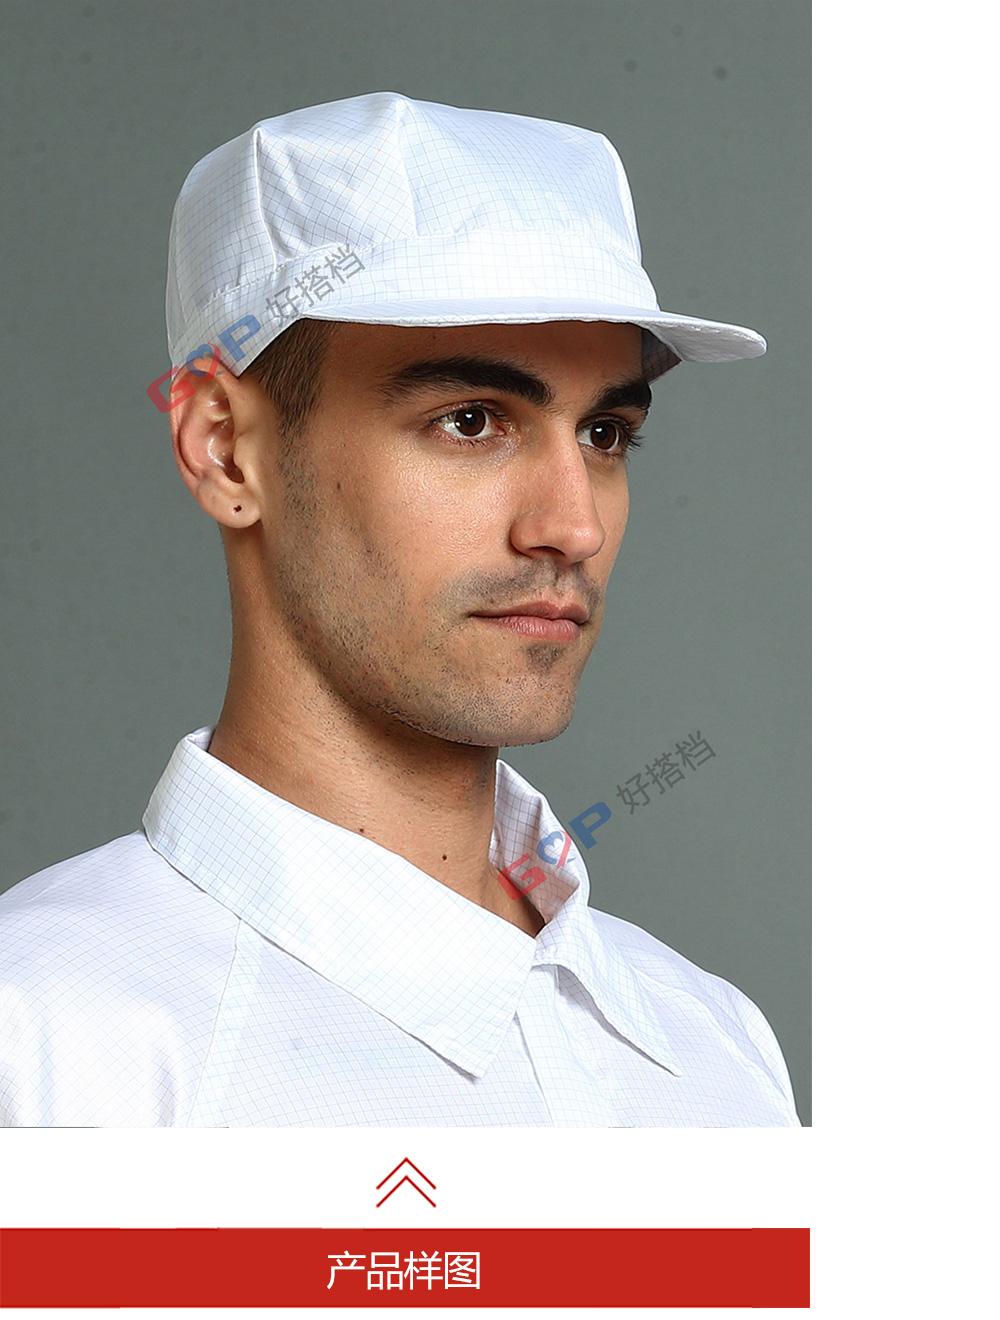 工作帽(白格)